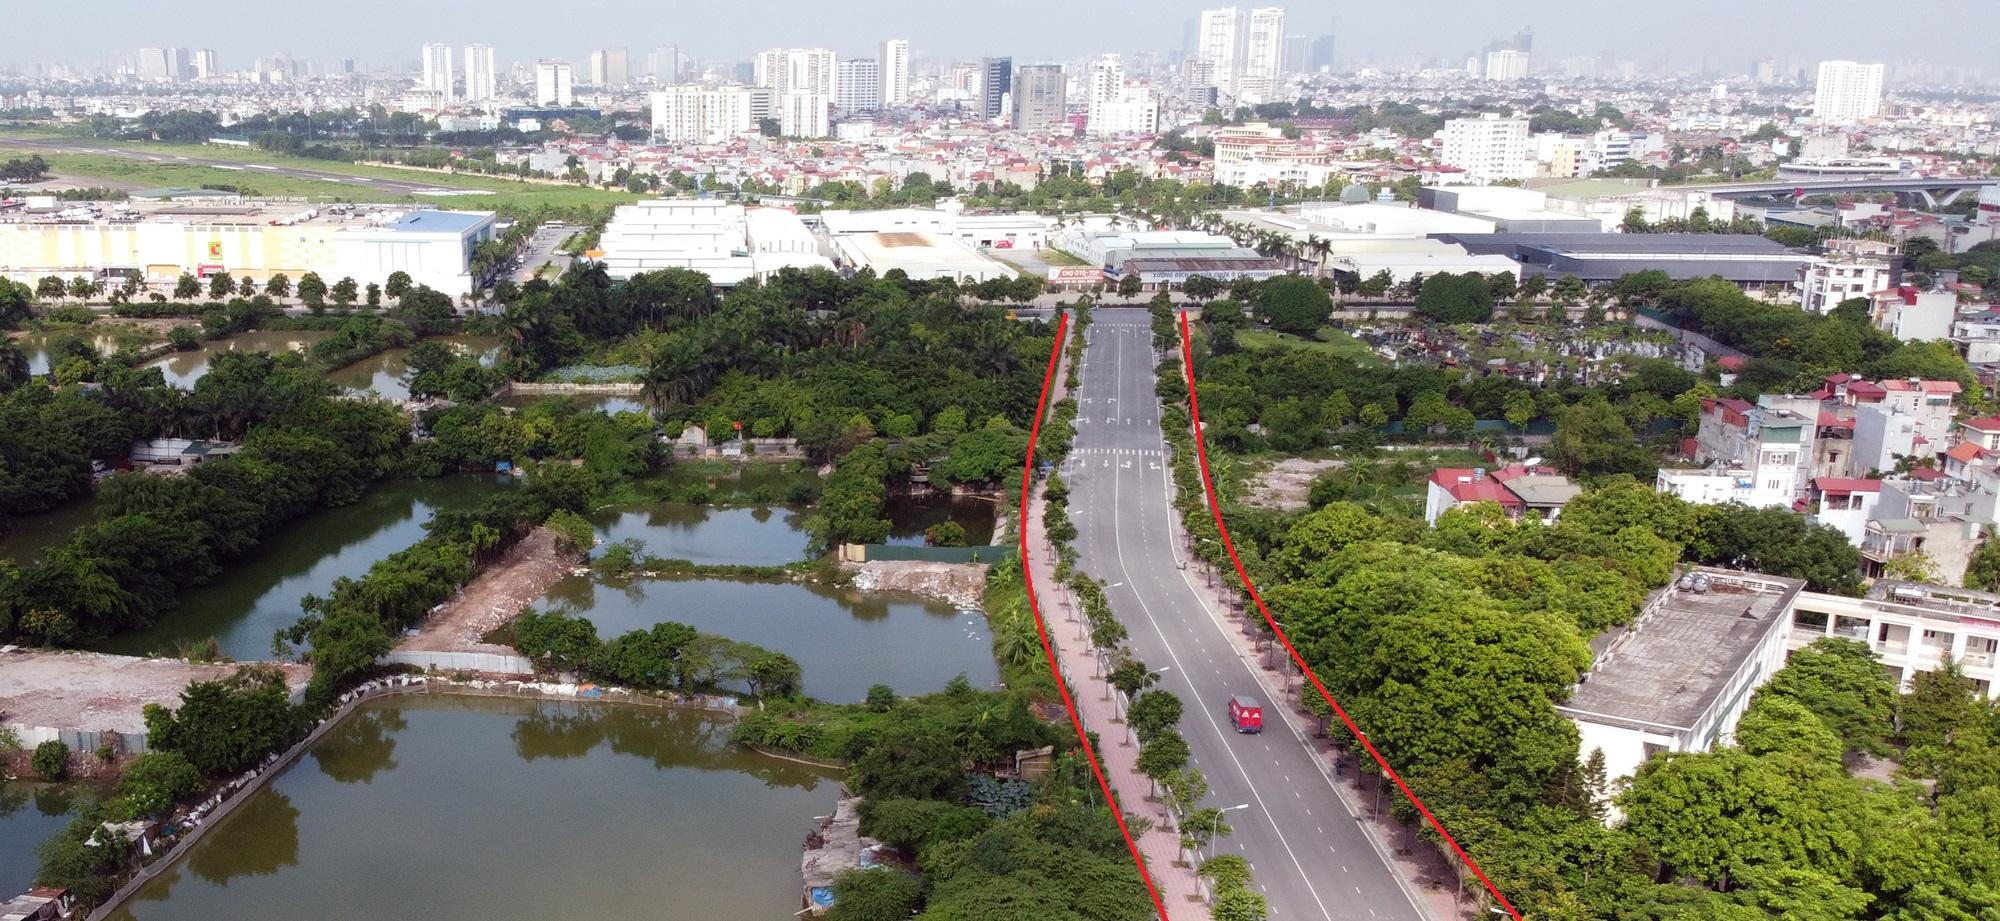 đường sẽ mở theo qui hoạch ở phường Việt Hưng, Long Biên, Hà Nội - Ảnh 6.